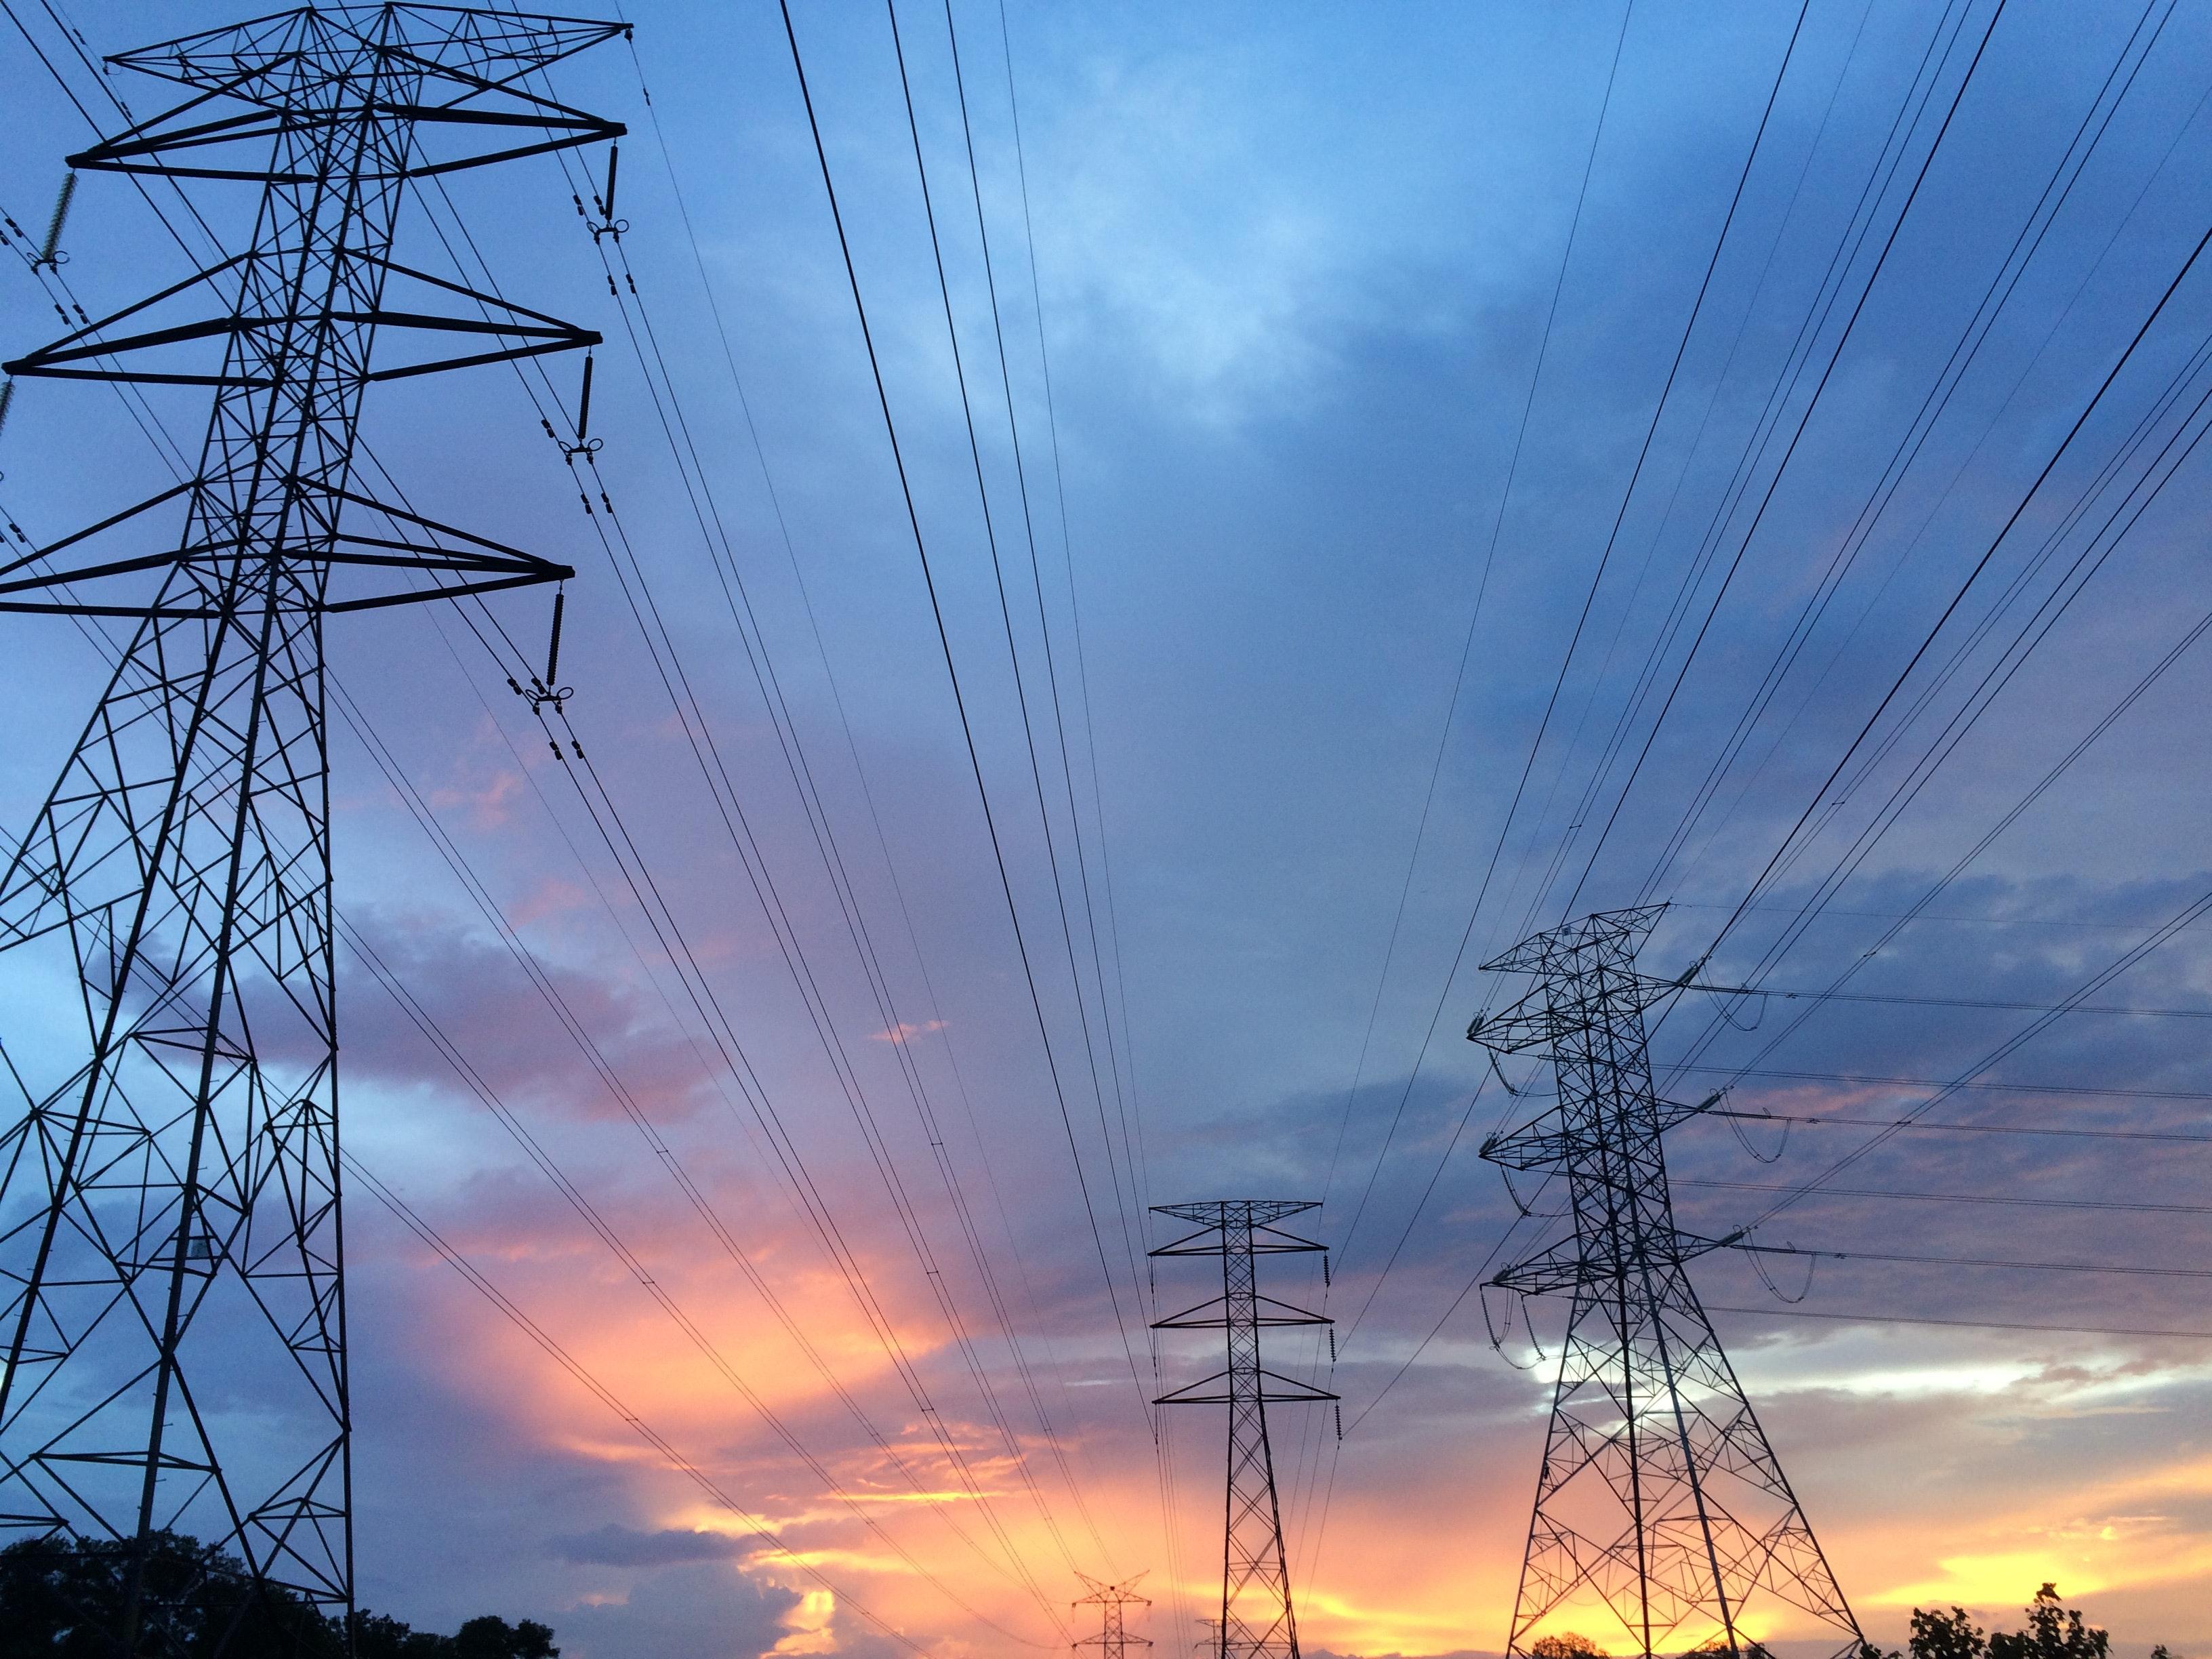 SPÖ-Energiesprecher Schroll fordert erneut eine gesetzliche Regelung zu Stromabschaltungen: Aufgeschoben ist nicht Aufgehoben!